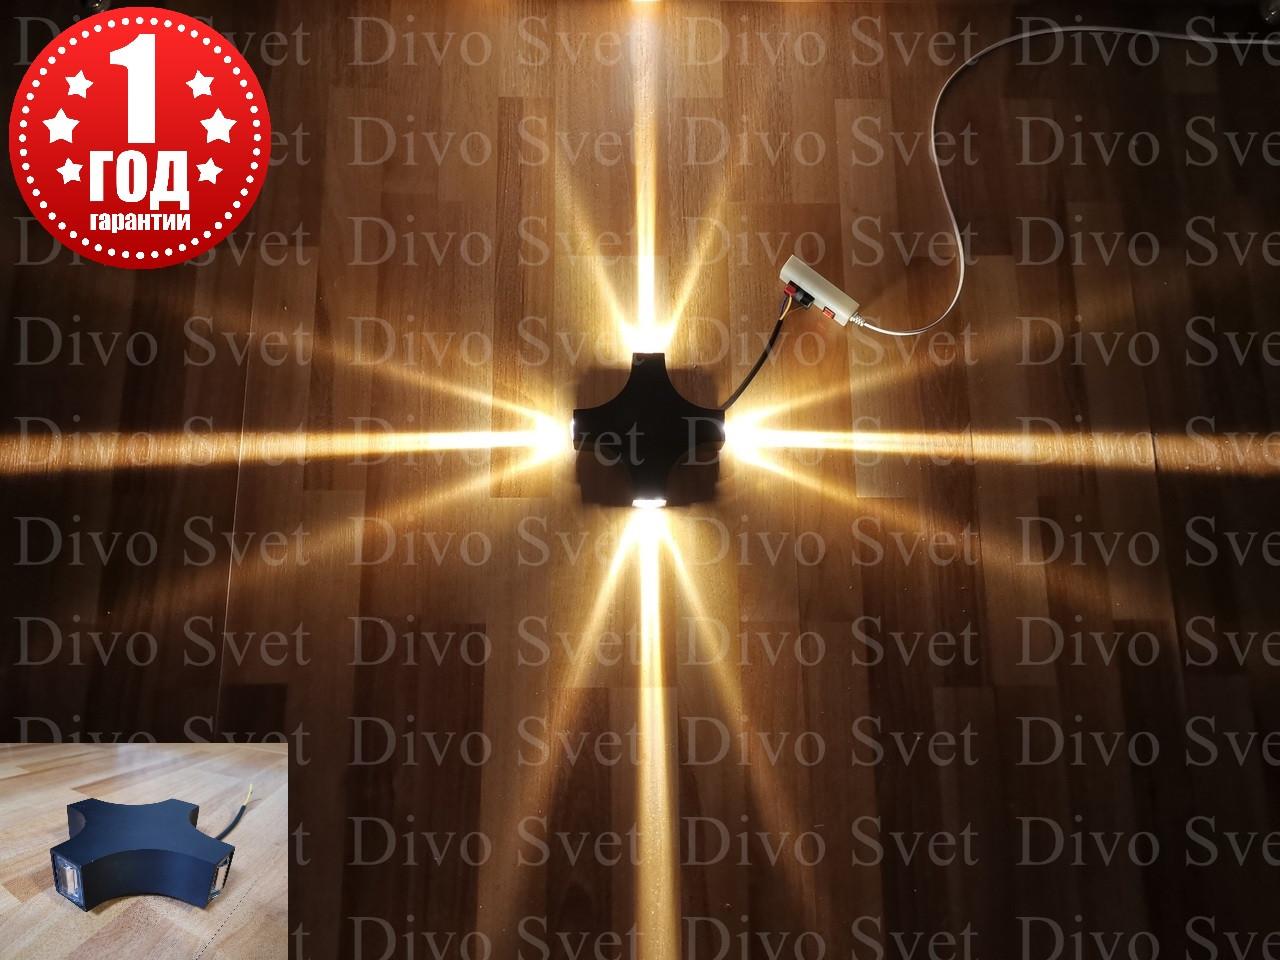 """LED светильник """"Луч Четырёхсторонний"""" 12W, 4000К, 6500К. Светодиодный архитектурный узконаправленный с линзами"""